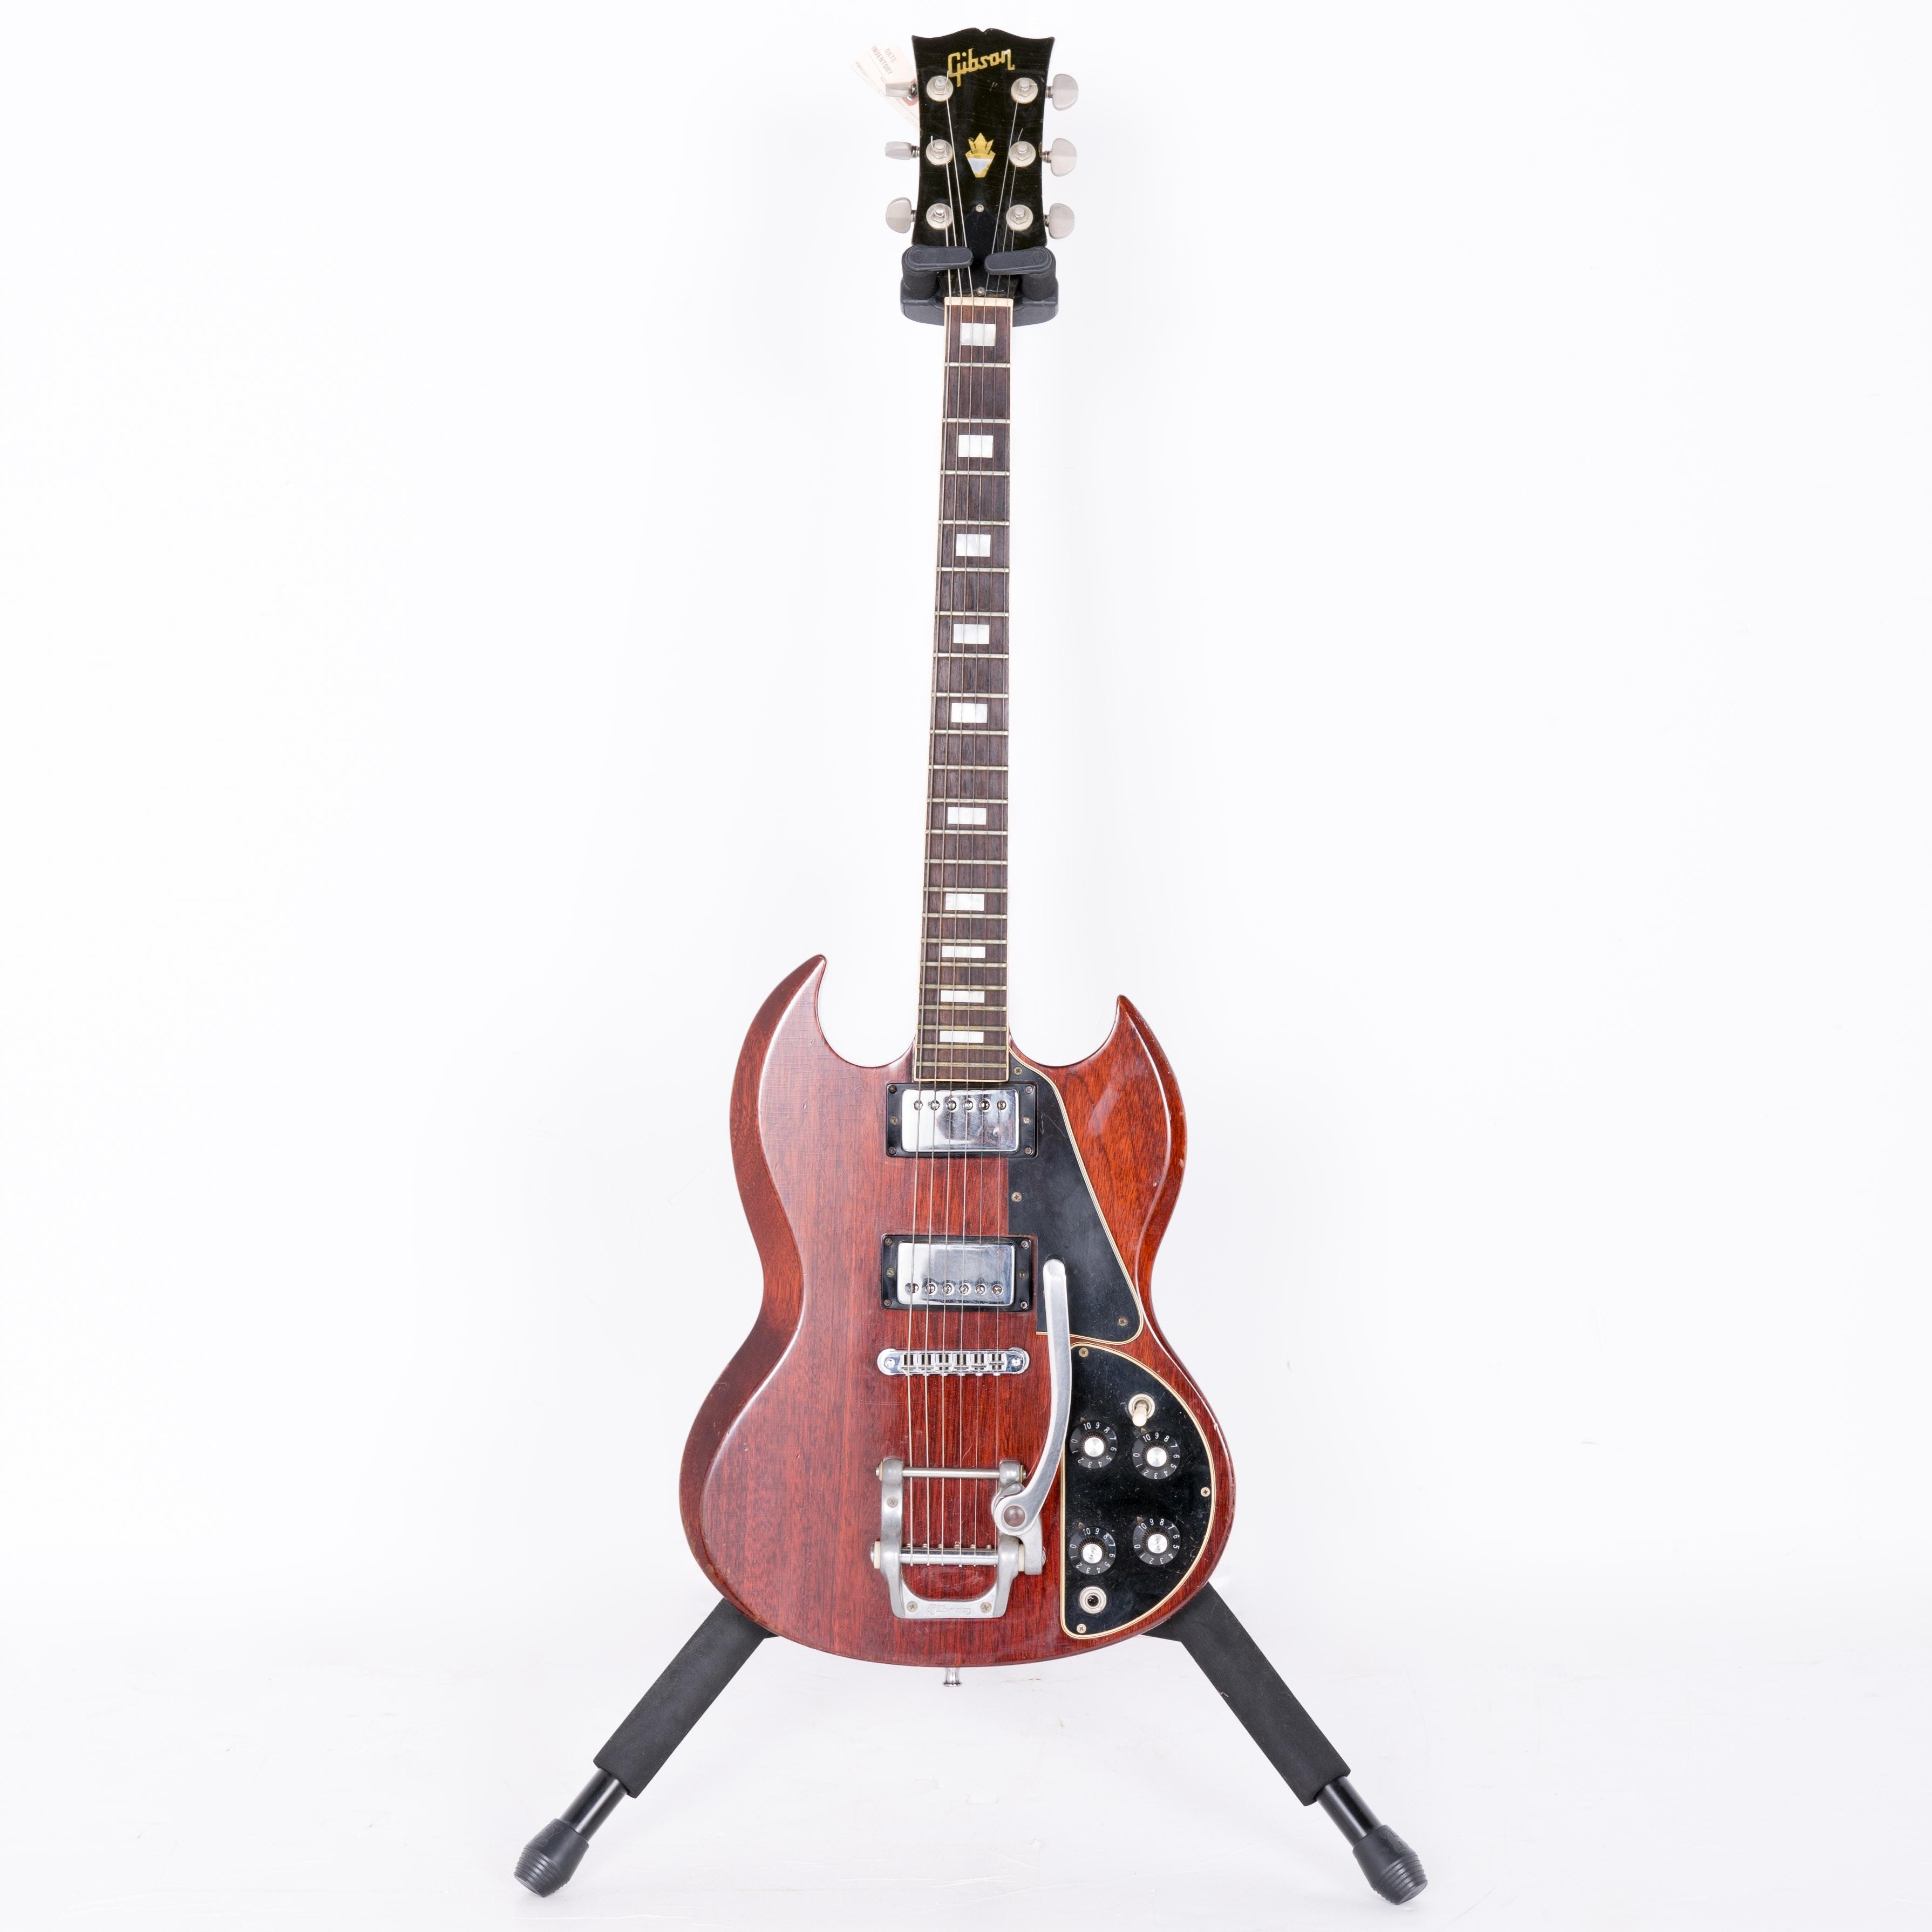 Circa 1970s Gibson SG Deluxe Electric Guitar